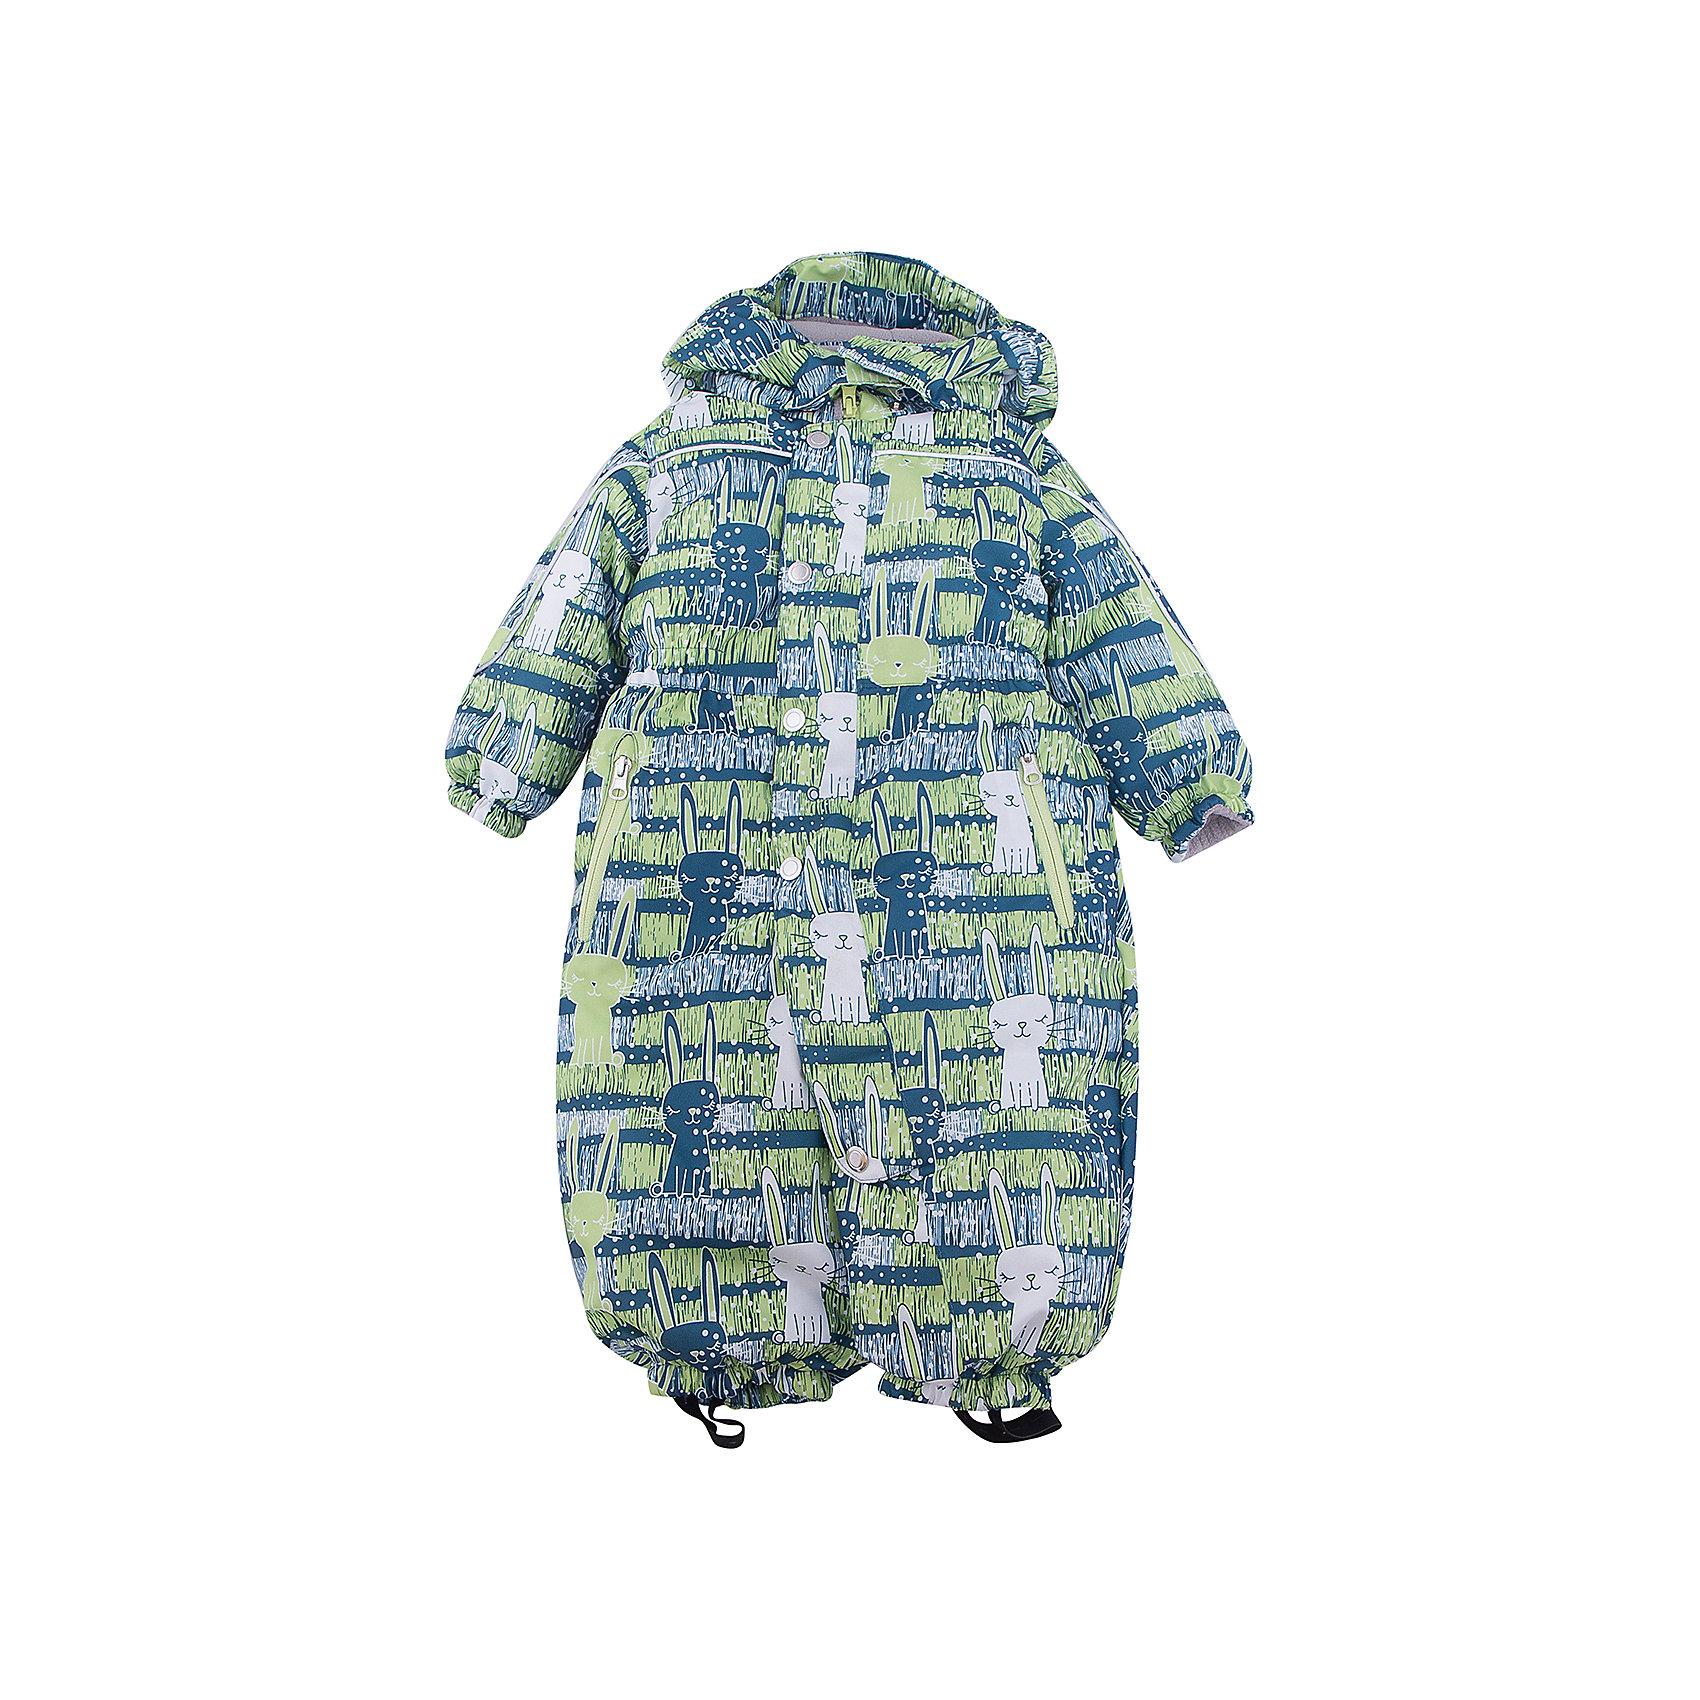 Комбинезон Ленни OLDOS для мальчикаВерхняя одежда<br>Характеристики товара:<br><br>• цвет: синий<br>• состав ткани: полиэстер<br>• подкладка: флис, гладкий полиэстер<br>• утеплитель: Hollofan <br>• сезон: зима<br>• мембранное покрытие<br>• температурный режим: от -30 до 0<br>• водонепроницаемость: 2000 мм <br>• паропроницаемость: 2000 г/м2<br>• плотность утеплителя: 300 г/м2<br>• застежка: молния<br>• капюшон: без меха, съемный<br>• силиконовые штрипки<br>• страна бренда: Россия<br>• страна изготовитель: Россия<br><br>Дышащий верх комбинезона создает комфортный для ребенка микроклимат. В этом детском комбинезоне - гипоаллергенный утеплитель, который хорошо удерживает тепло. Теплый комбинезон для ребенка дополнен множеством элементов для дополнительного комфорта: силиконовые штрипки, капюшон, манжеты, планка от ветра.<br><br>Комбинезон Ленни Oldos (Олдос) для мальчика можно купить в нашем интернет-магазине.<br><br>Ширина мм: 356<br>Глубина мм: 10<br>Высота мм: 245<br>Вес г: 519<br>Цвет: синий<br>Возраст от месяцев: 12<br>Возраст до месяцев: 15<br>Пол: Мужской<br>Возраст: Детский<br>Размер: 80,92,86<br>SKU: 7016308